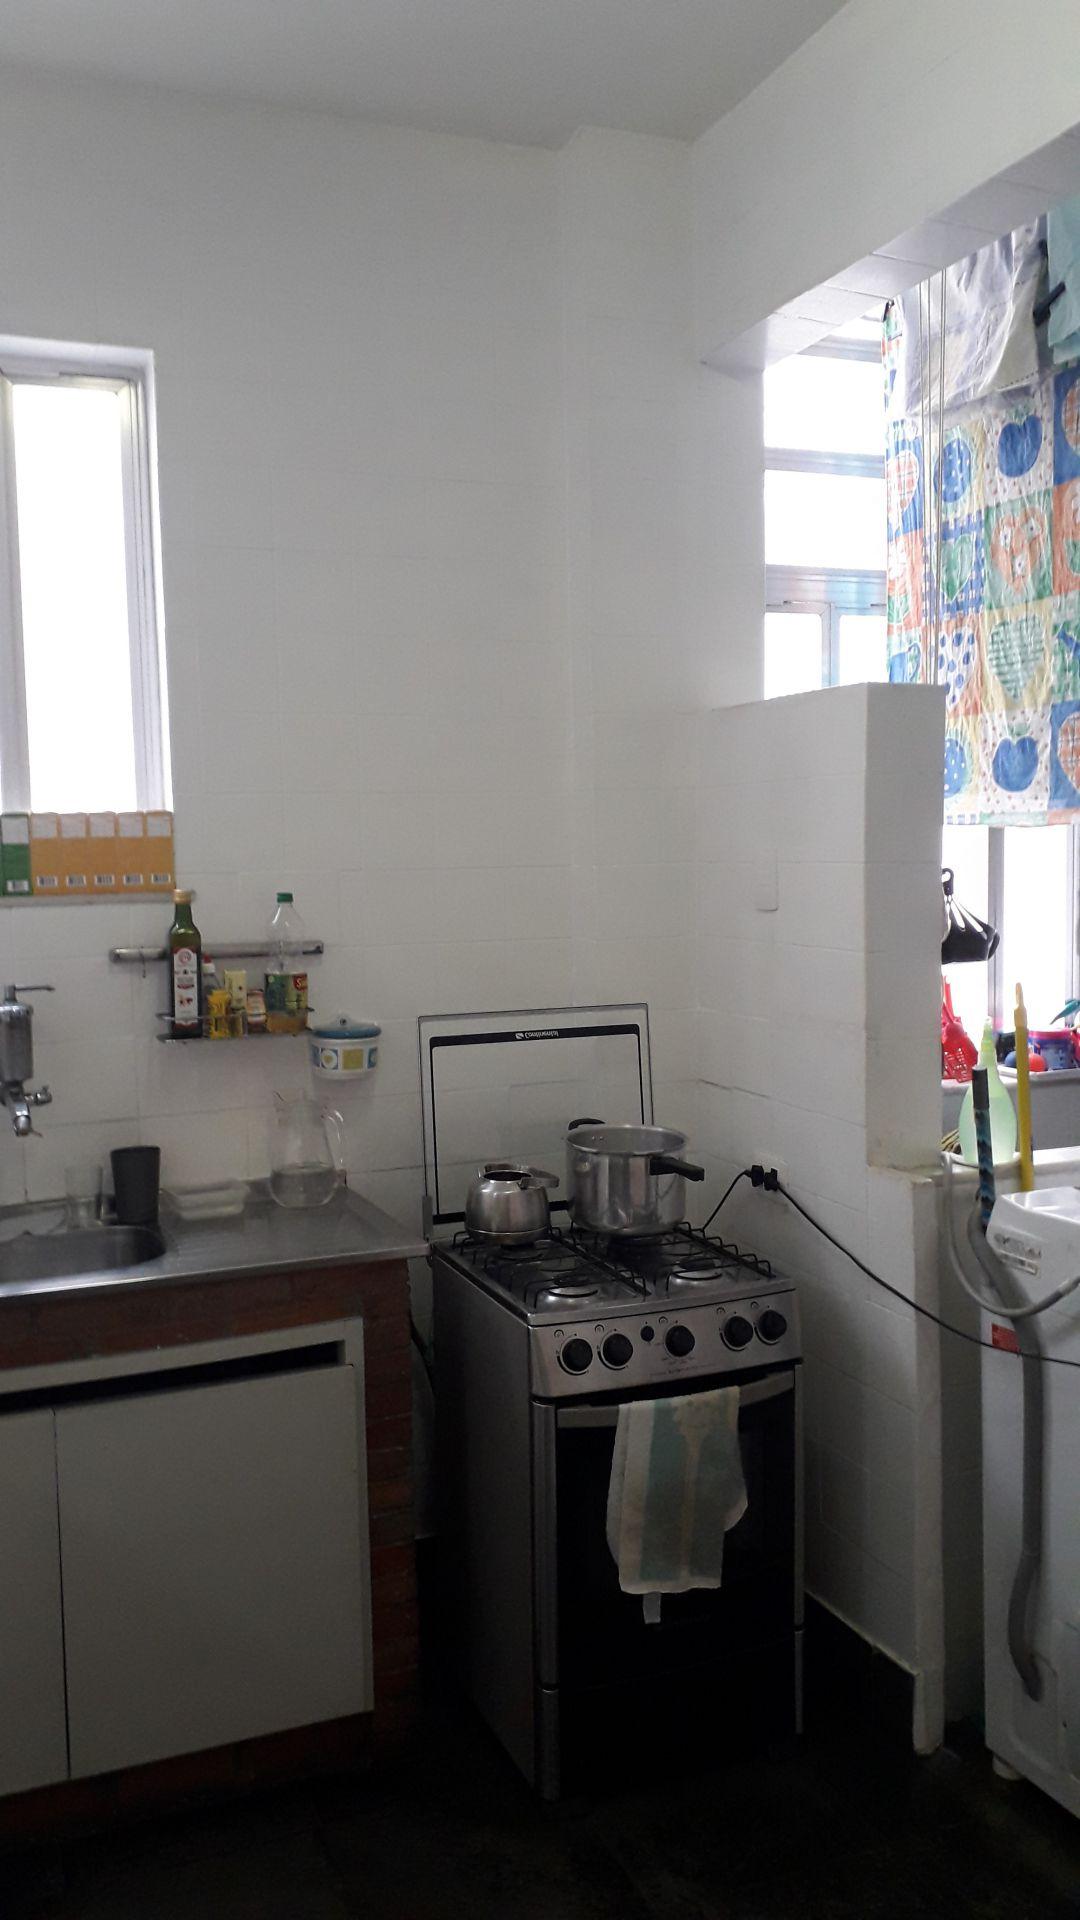 COZINHA - Apartamento Rua visconde de santa isabel,Grajaú, Grajaú,Rio de Janeiro, RJ À Venda, 2 Quartos, 59m² - 000484 - 9